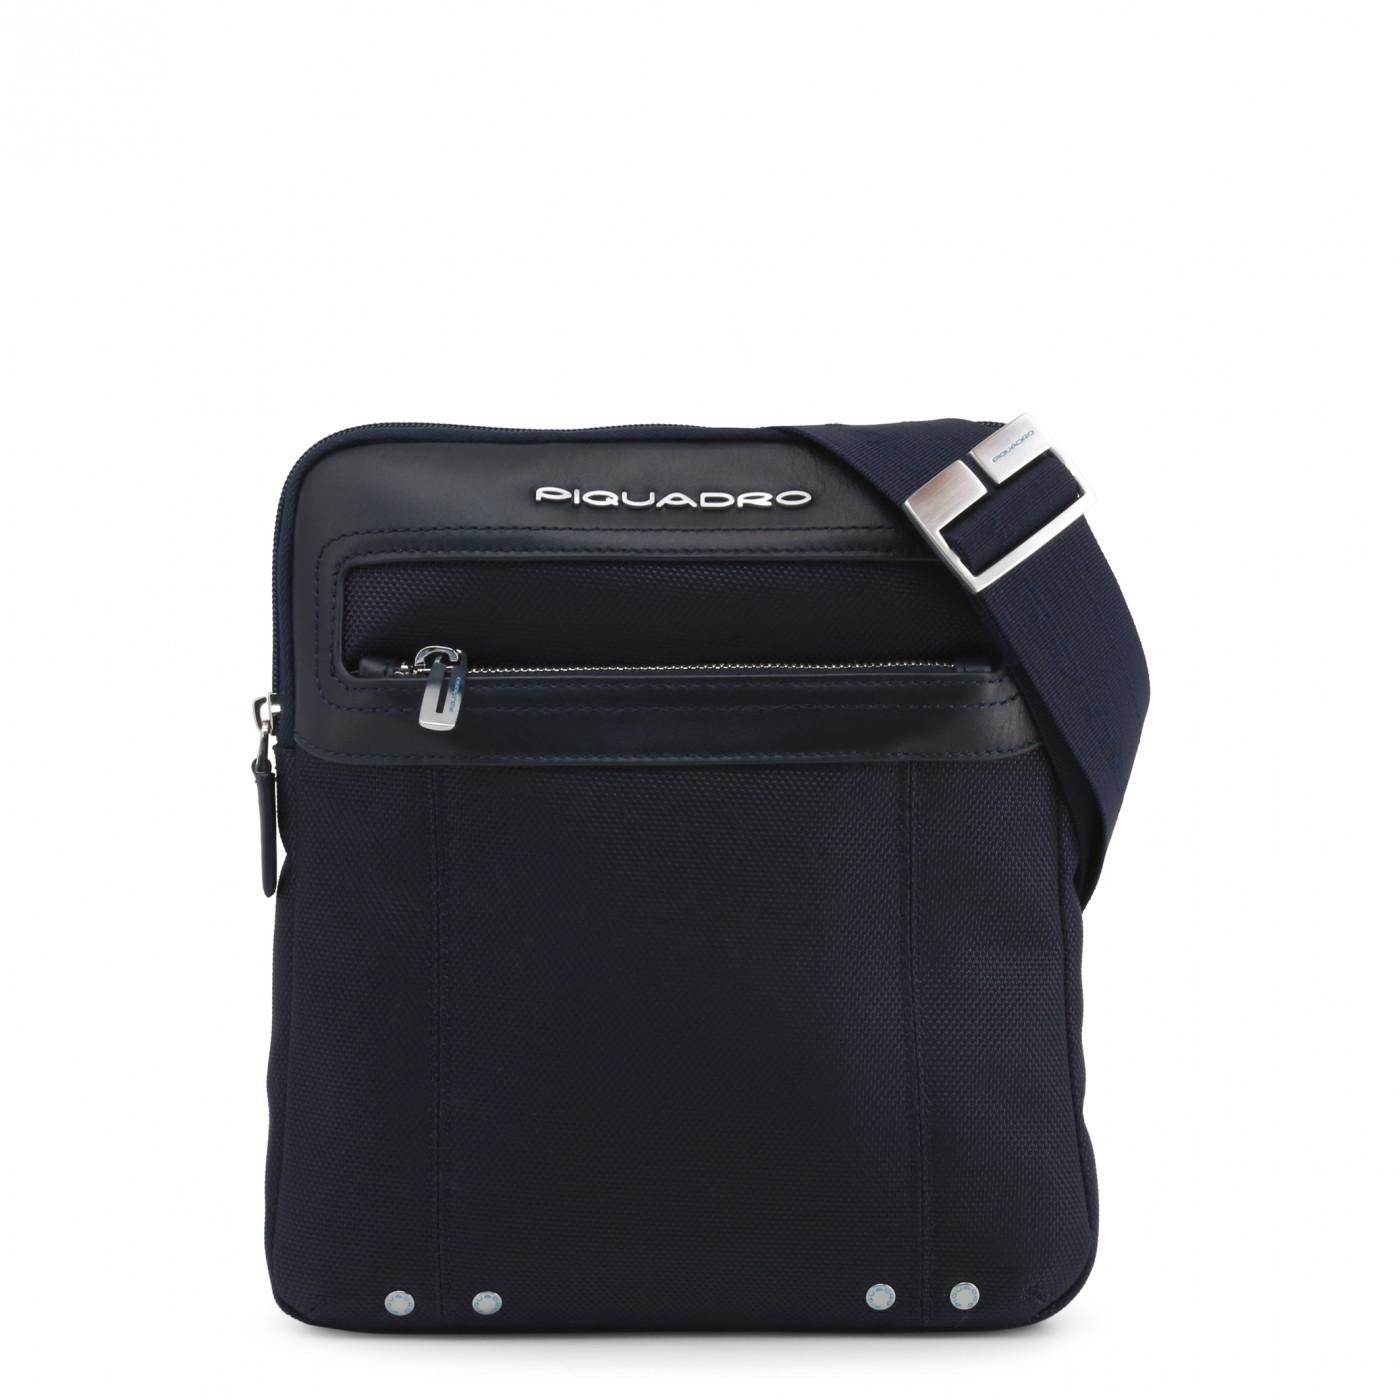 Shoulder bag Piquadro CA